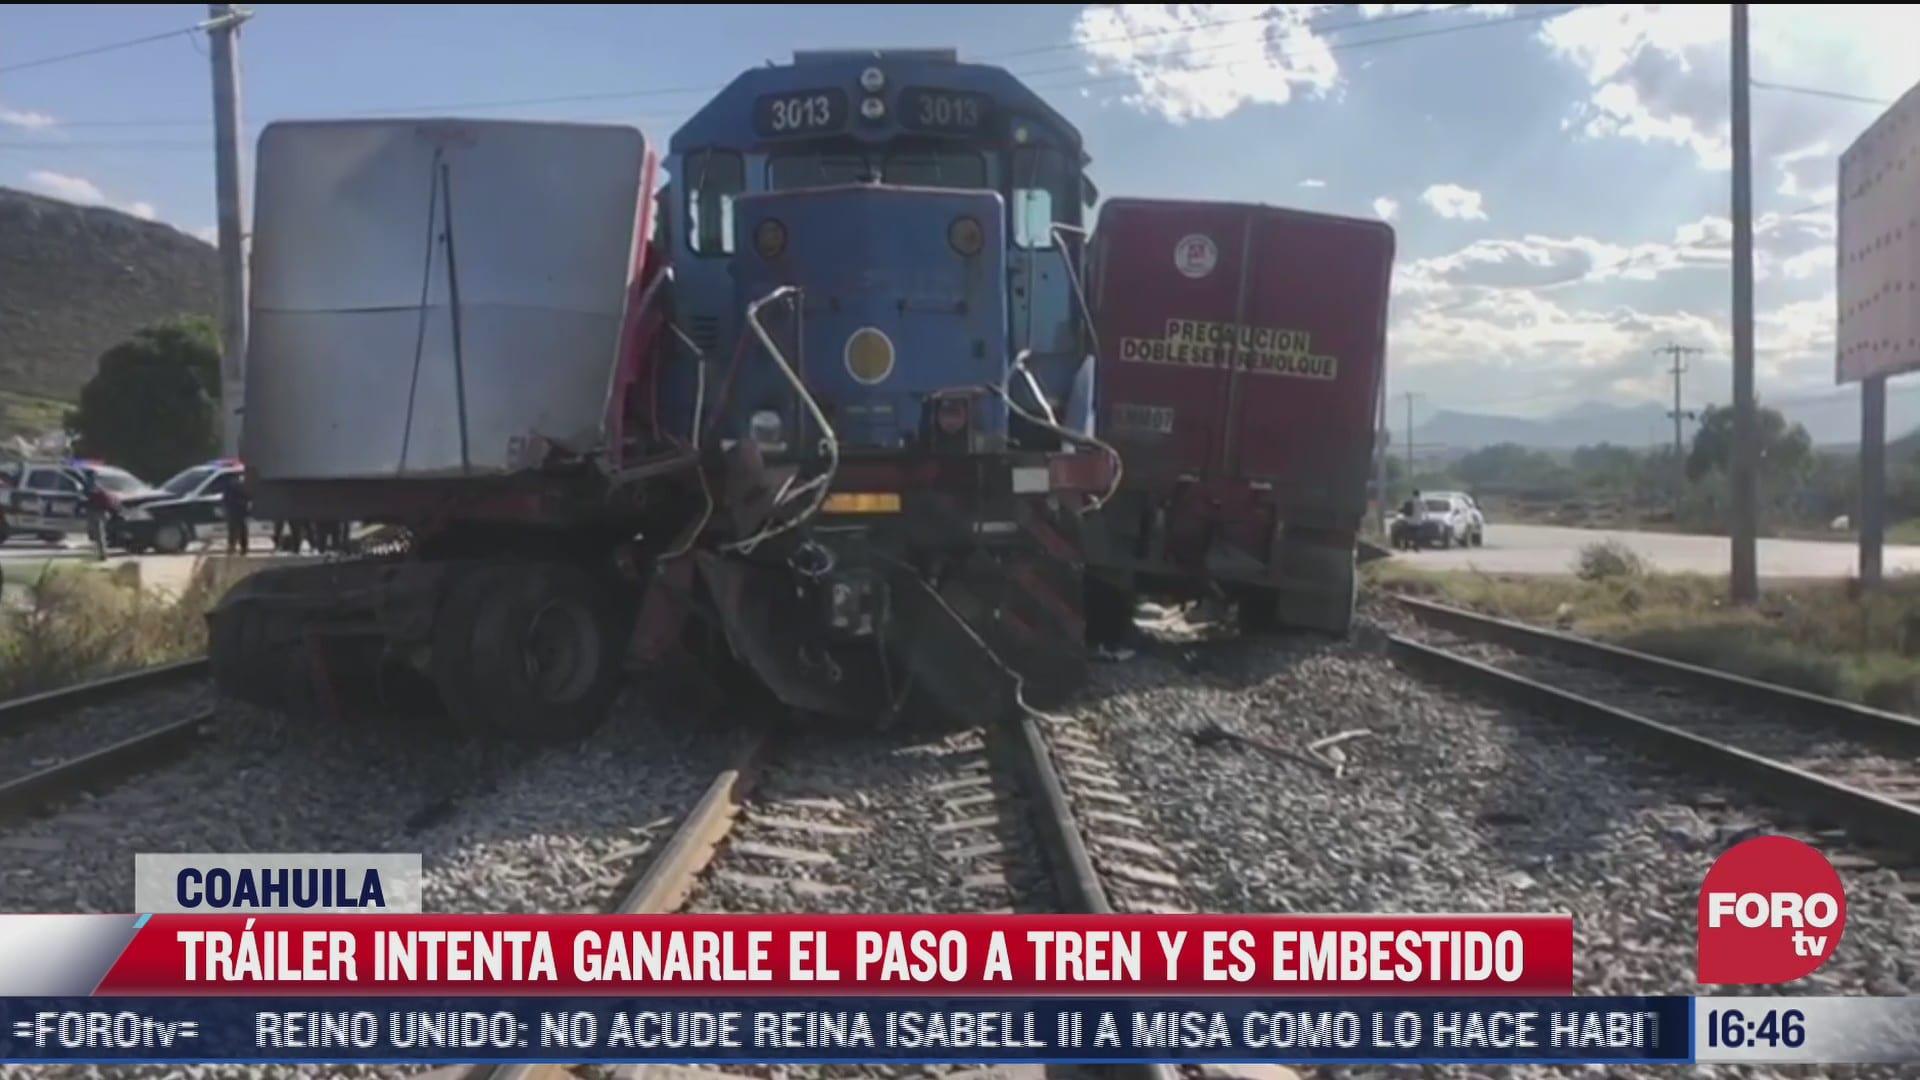 trailer termina arrollado por el tren en coahuila